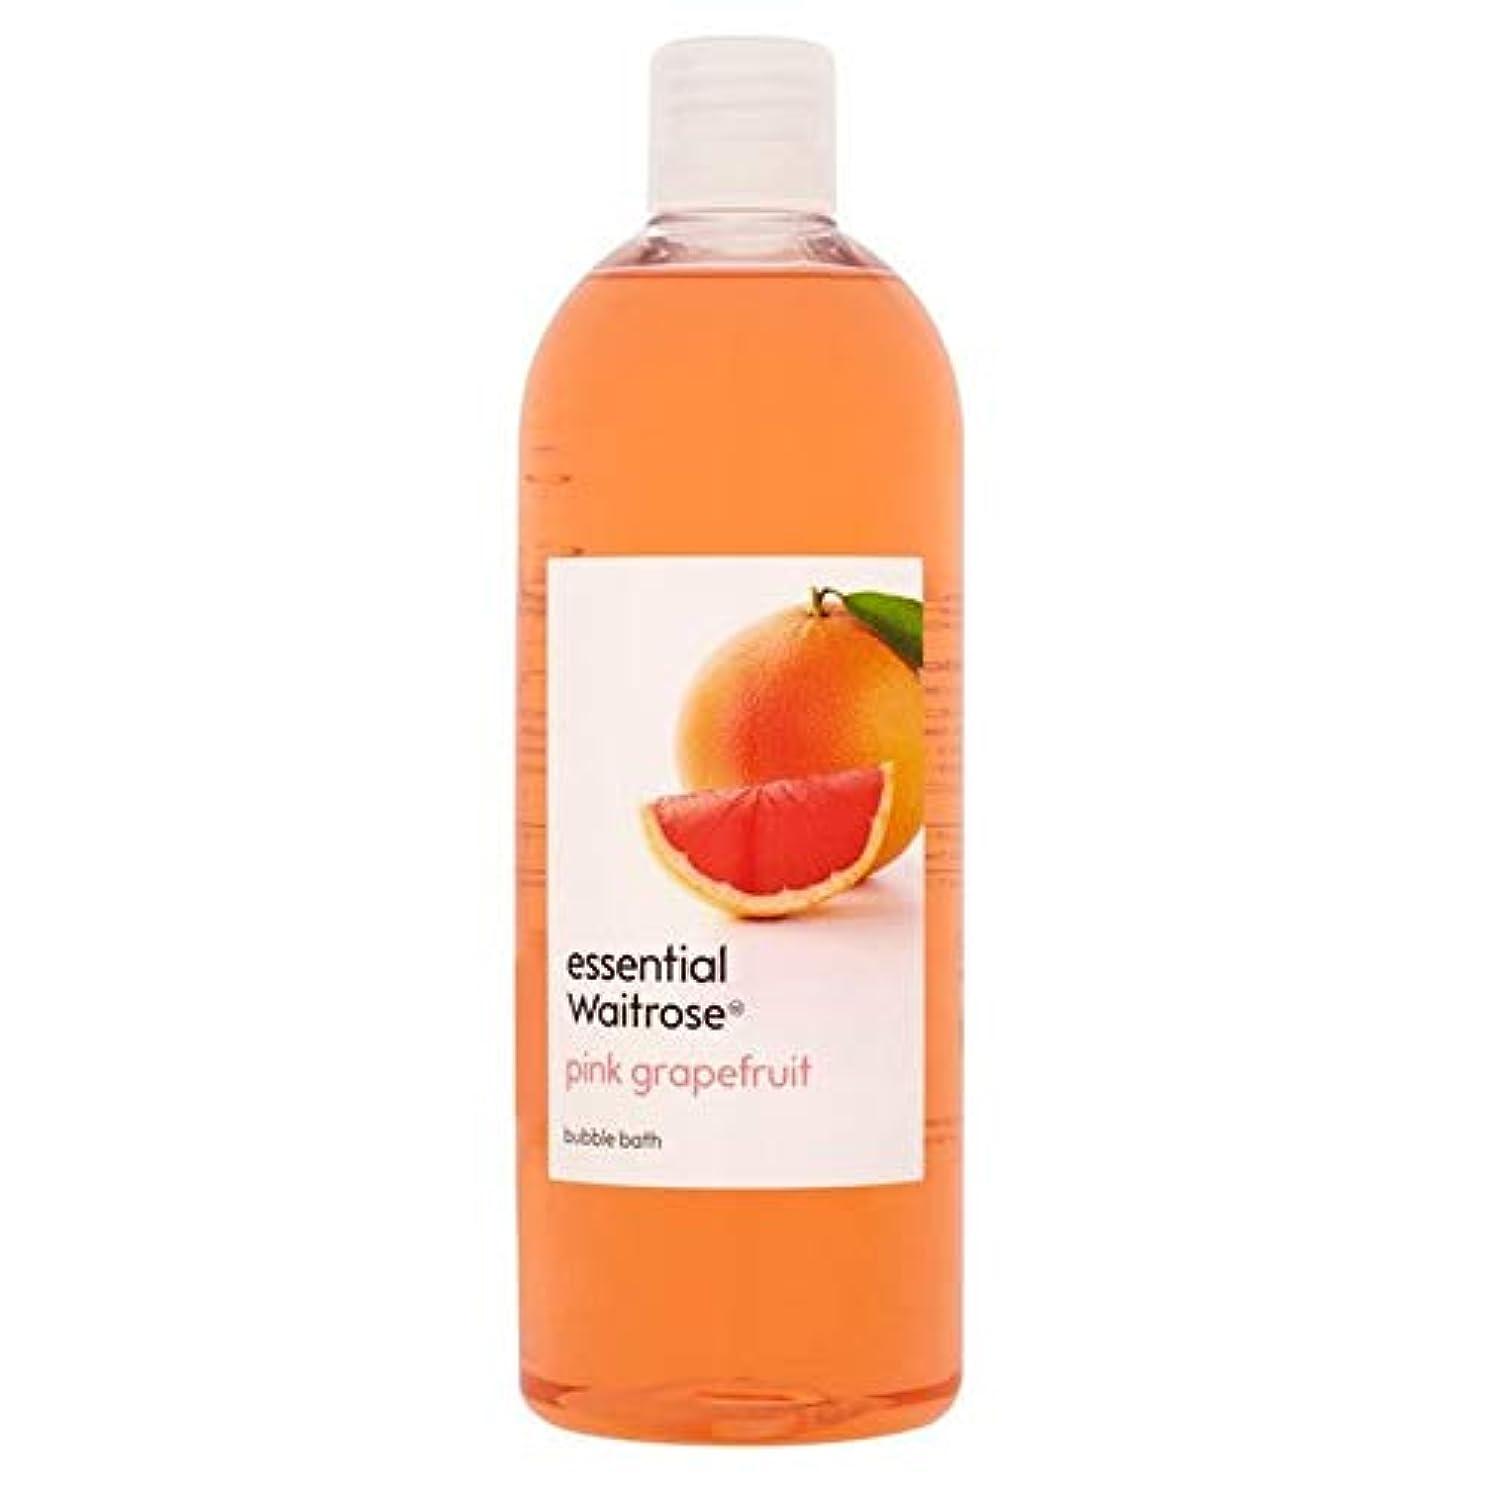 成長するリスク適切な[Waitrose ] 基本的なウェイトローズの泡風呂ピンクグレープフルーツ750ミリリットル - Essential Waitrose Bubble Bath Pink Grapefruit 750ml [並行輸入品]